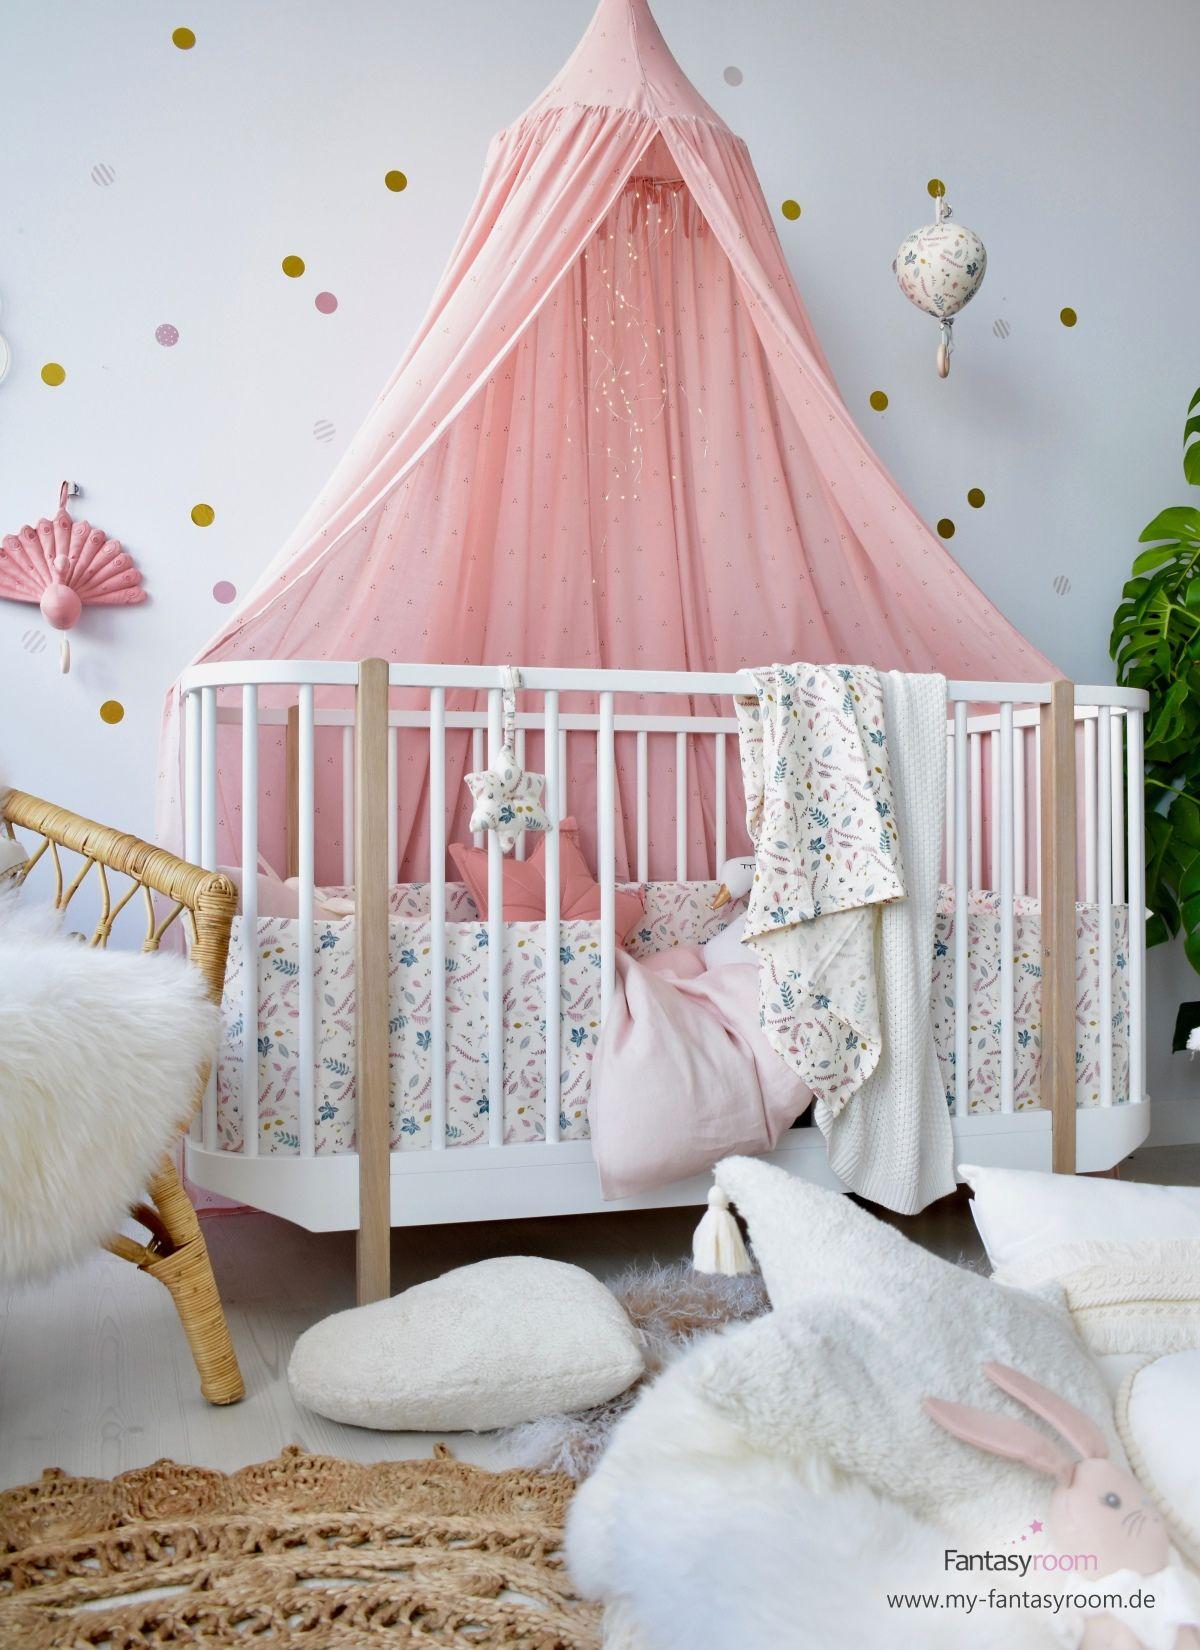 Babyzimmer In Altrosa Creme Bei Fantasyroom Online Kaufen Kleinkind Madchen Zimmer Kinderzimmer Fur Madchen Baby Zimmer Grau